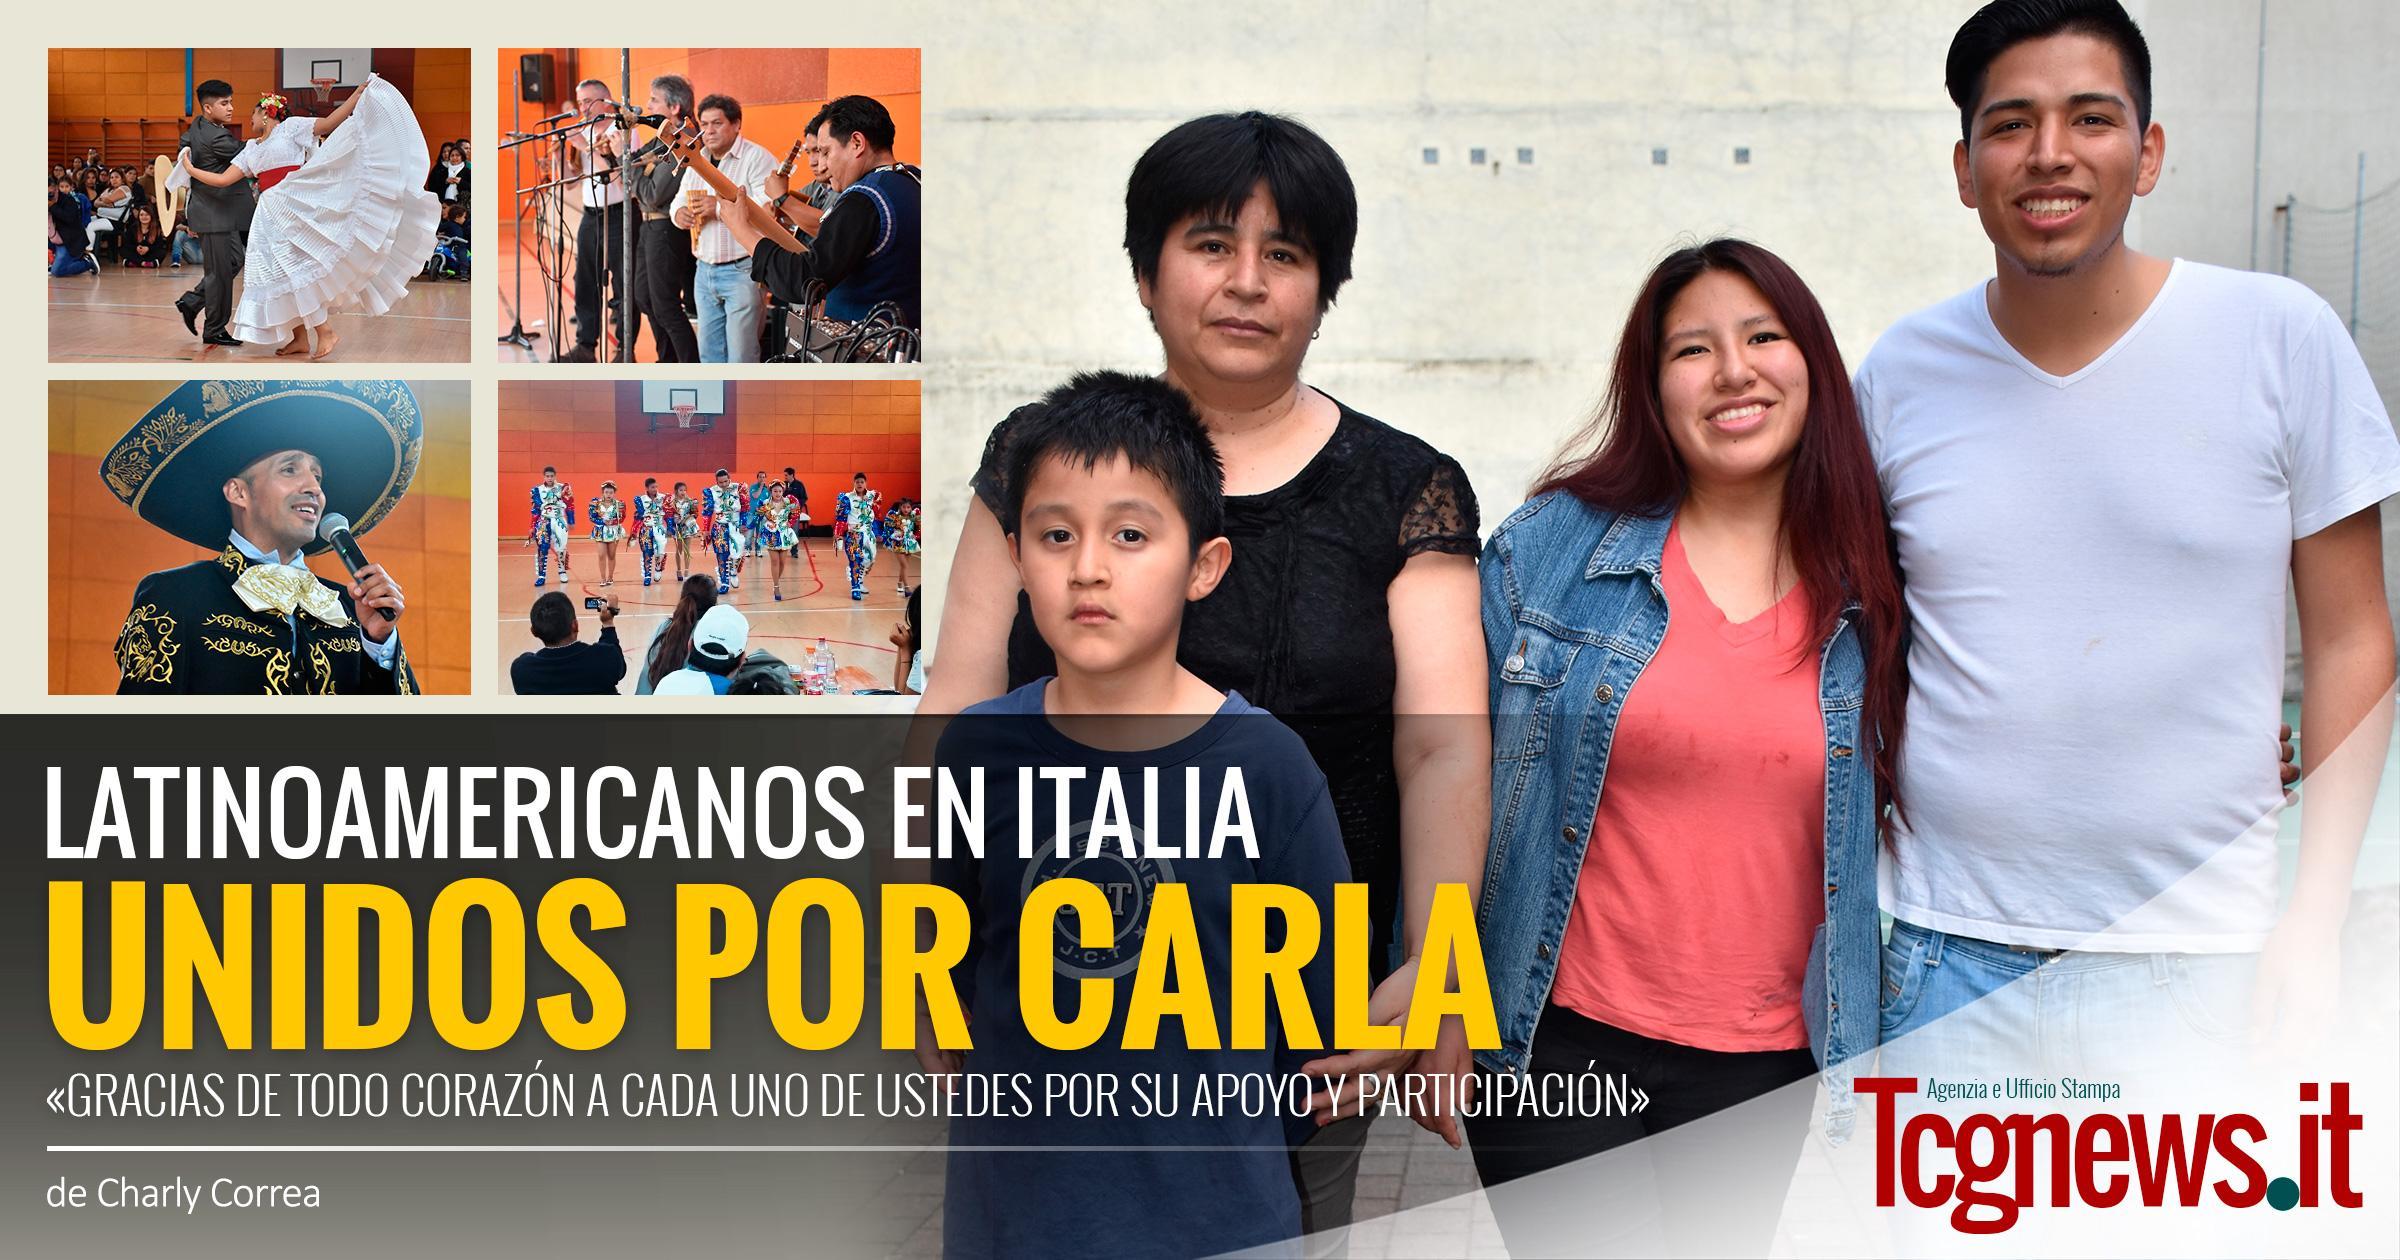 Latinoamericanos unidos por Carla: «Gracias de todo corazón a cada uno de ustedes por su apoyo y participación»